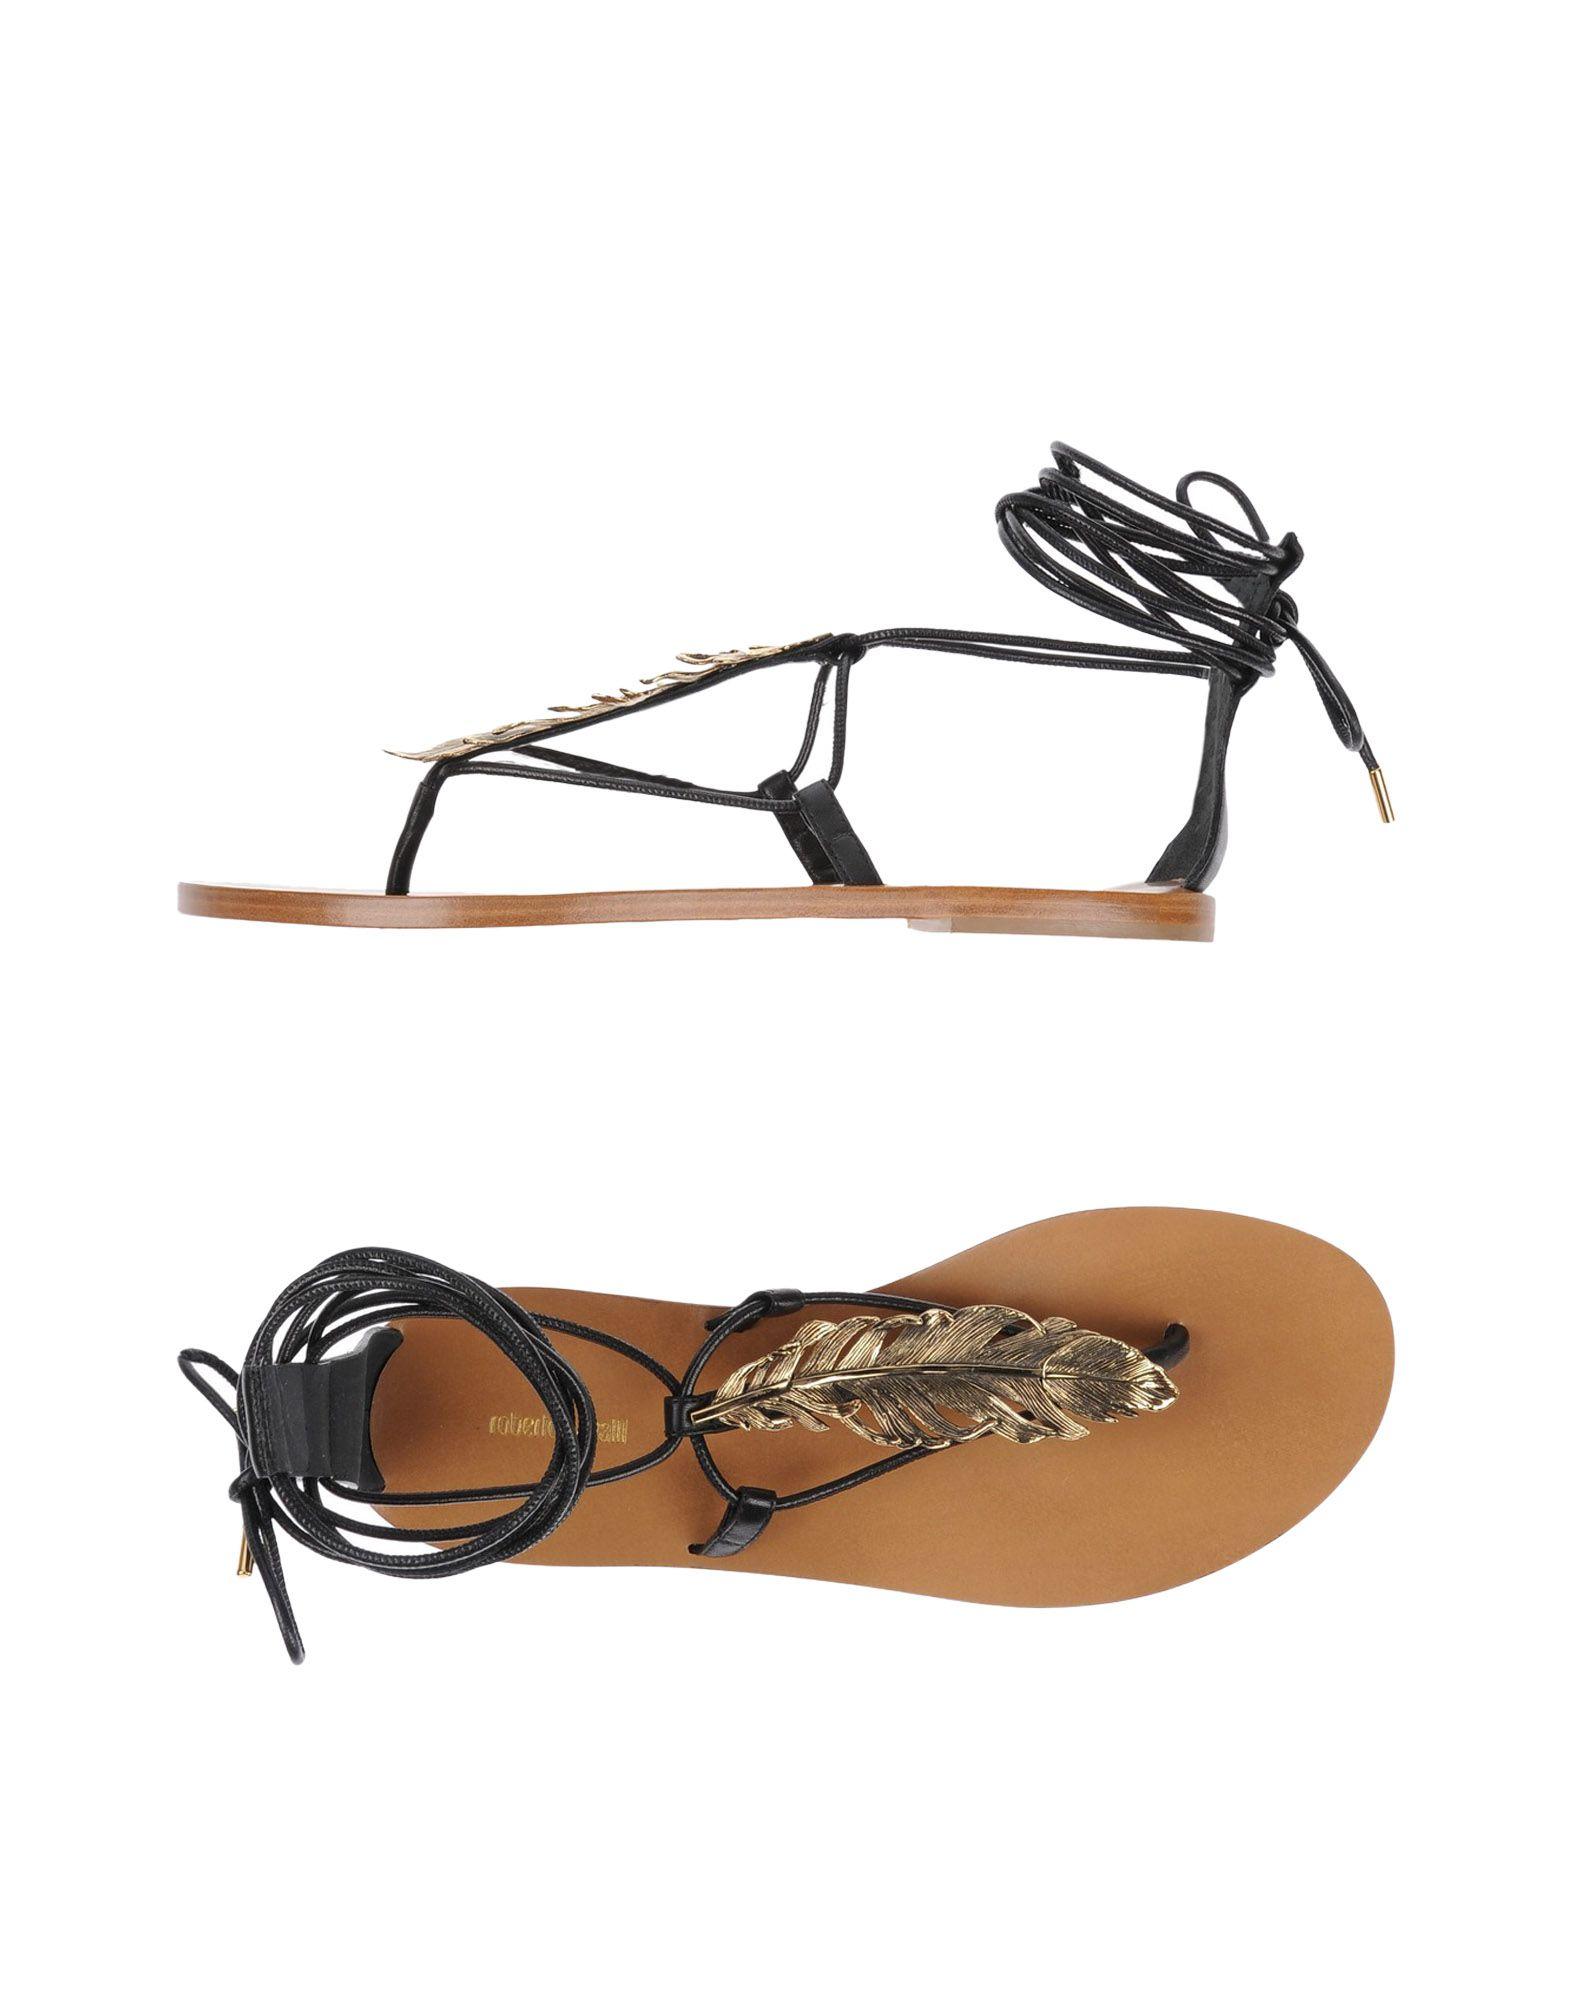 Rabatt Schuhe Roberto Cavalli  Dianetten Damen  Cavalli 11478536XM fd1797